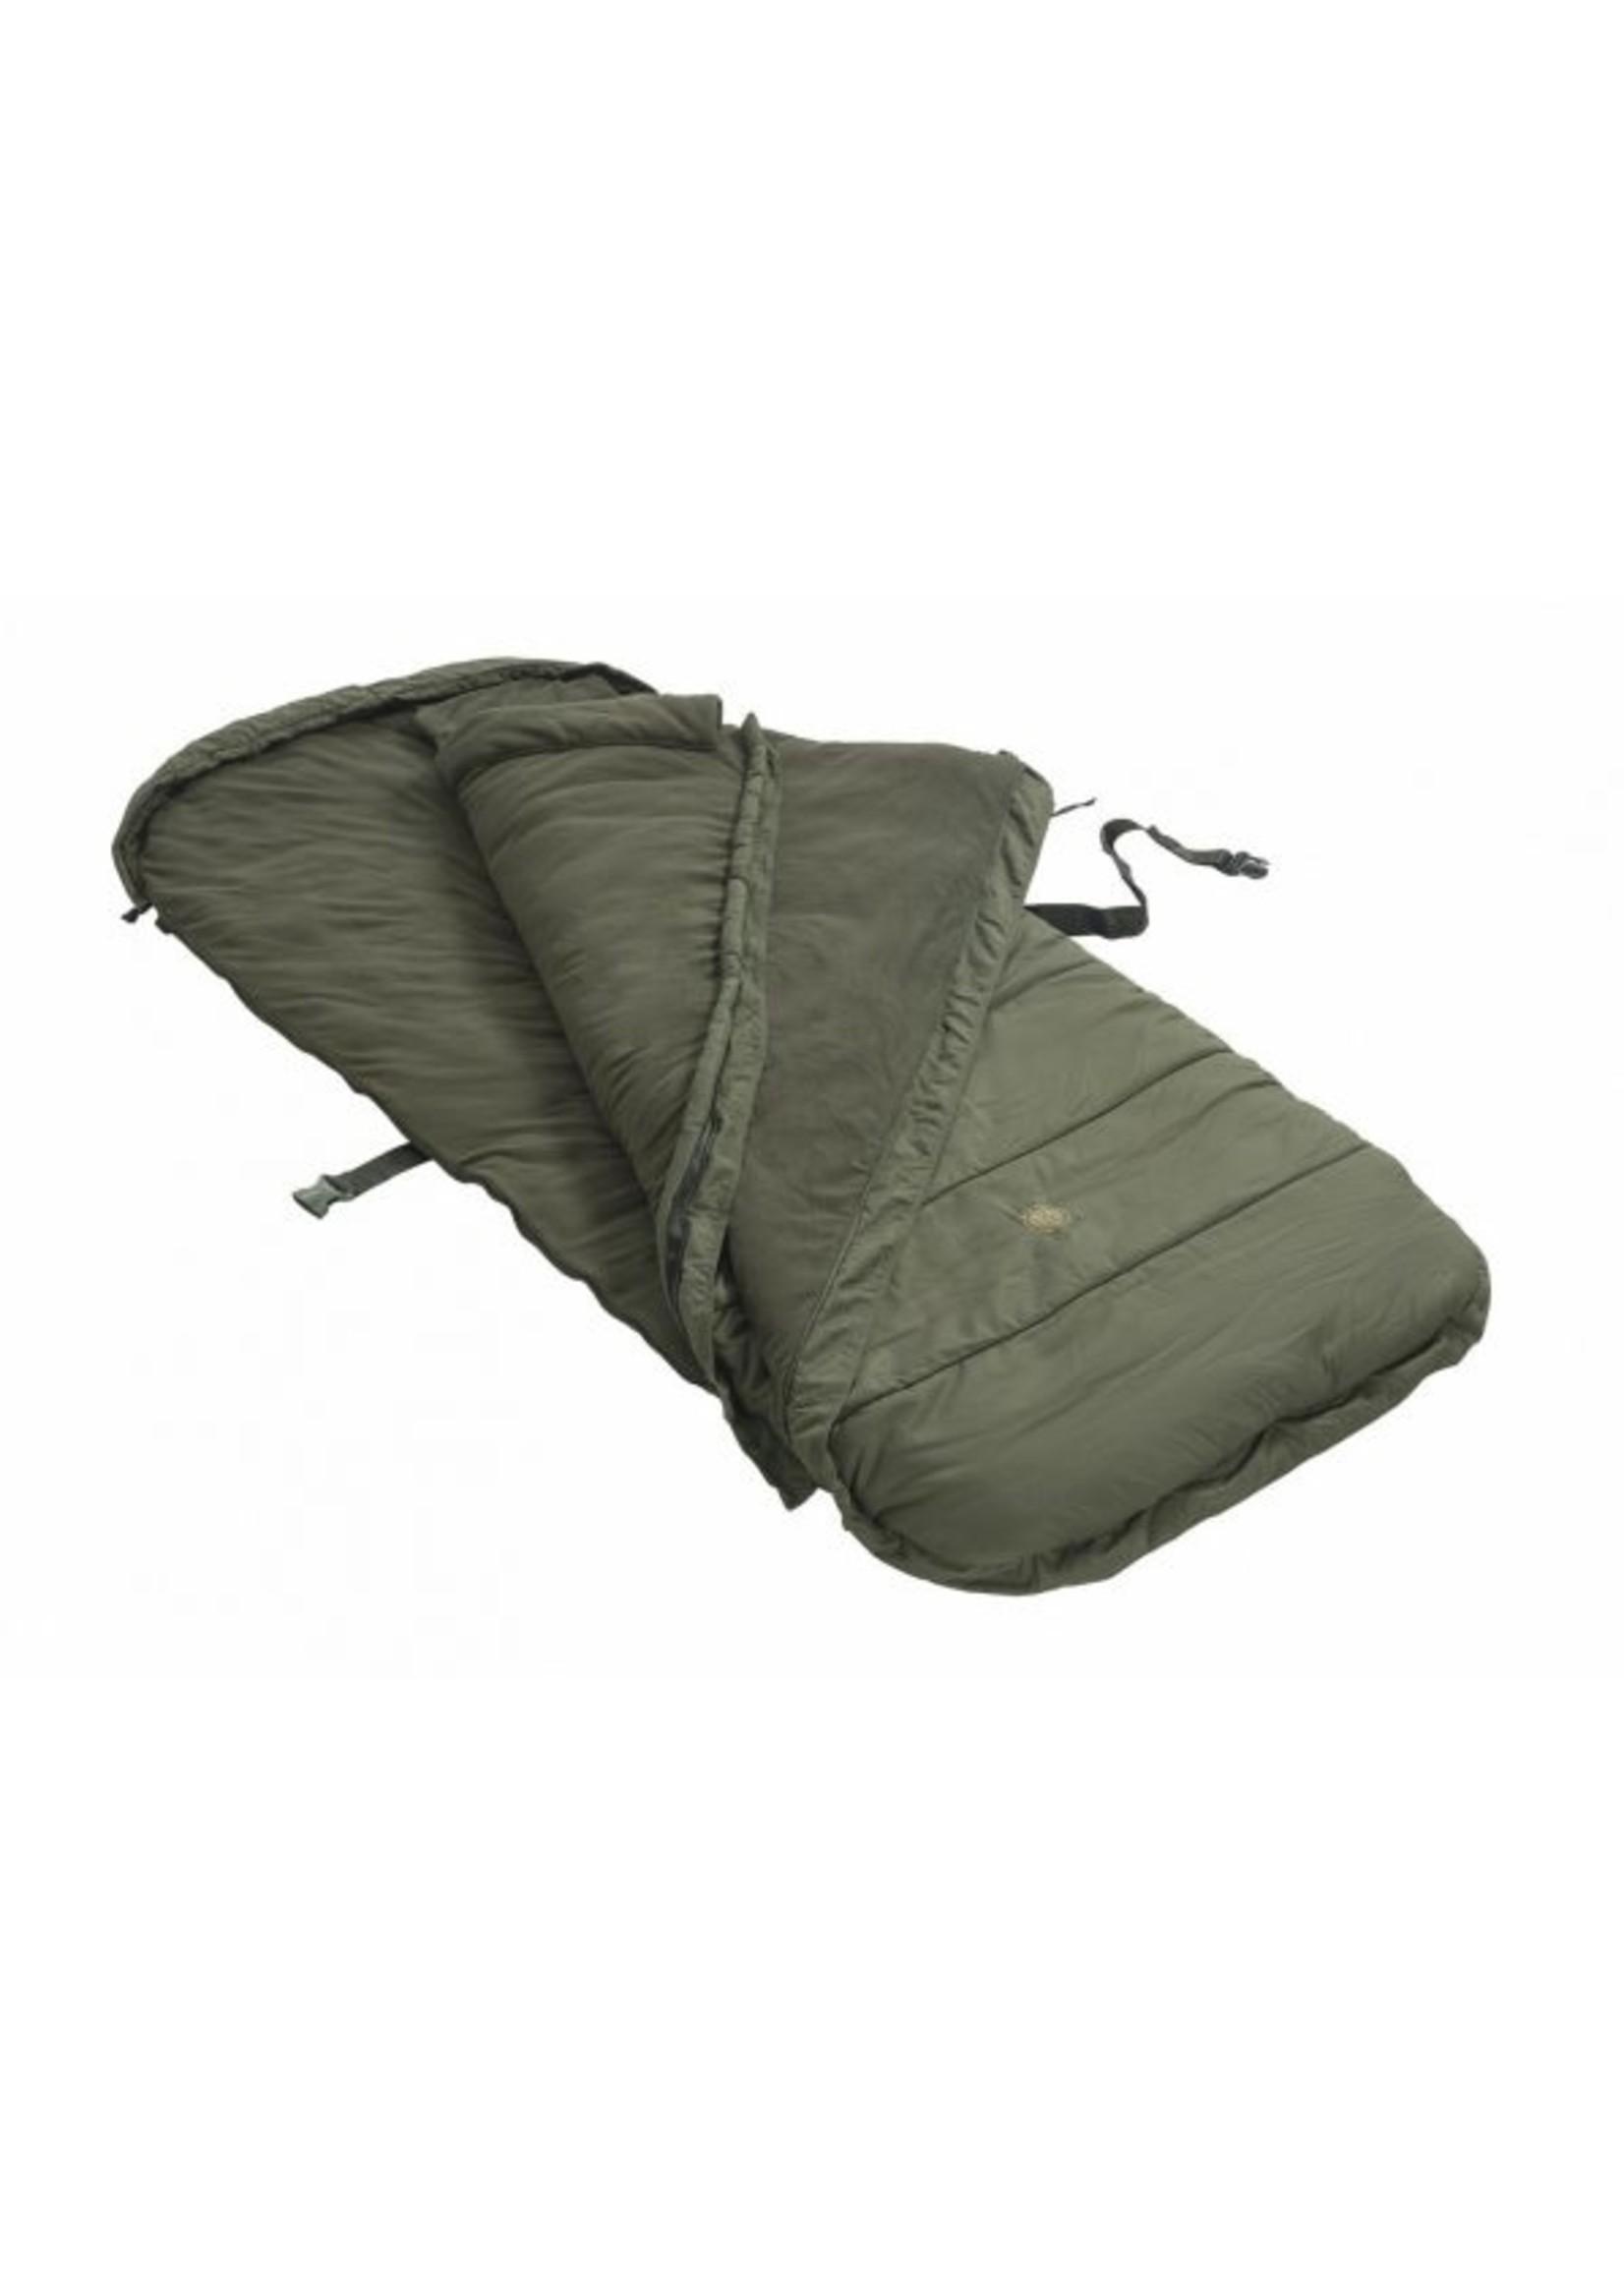 mivardi Mivardi Sleeping bag New Dynasty Xtreme